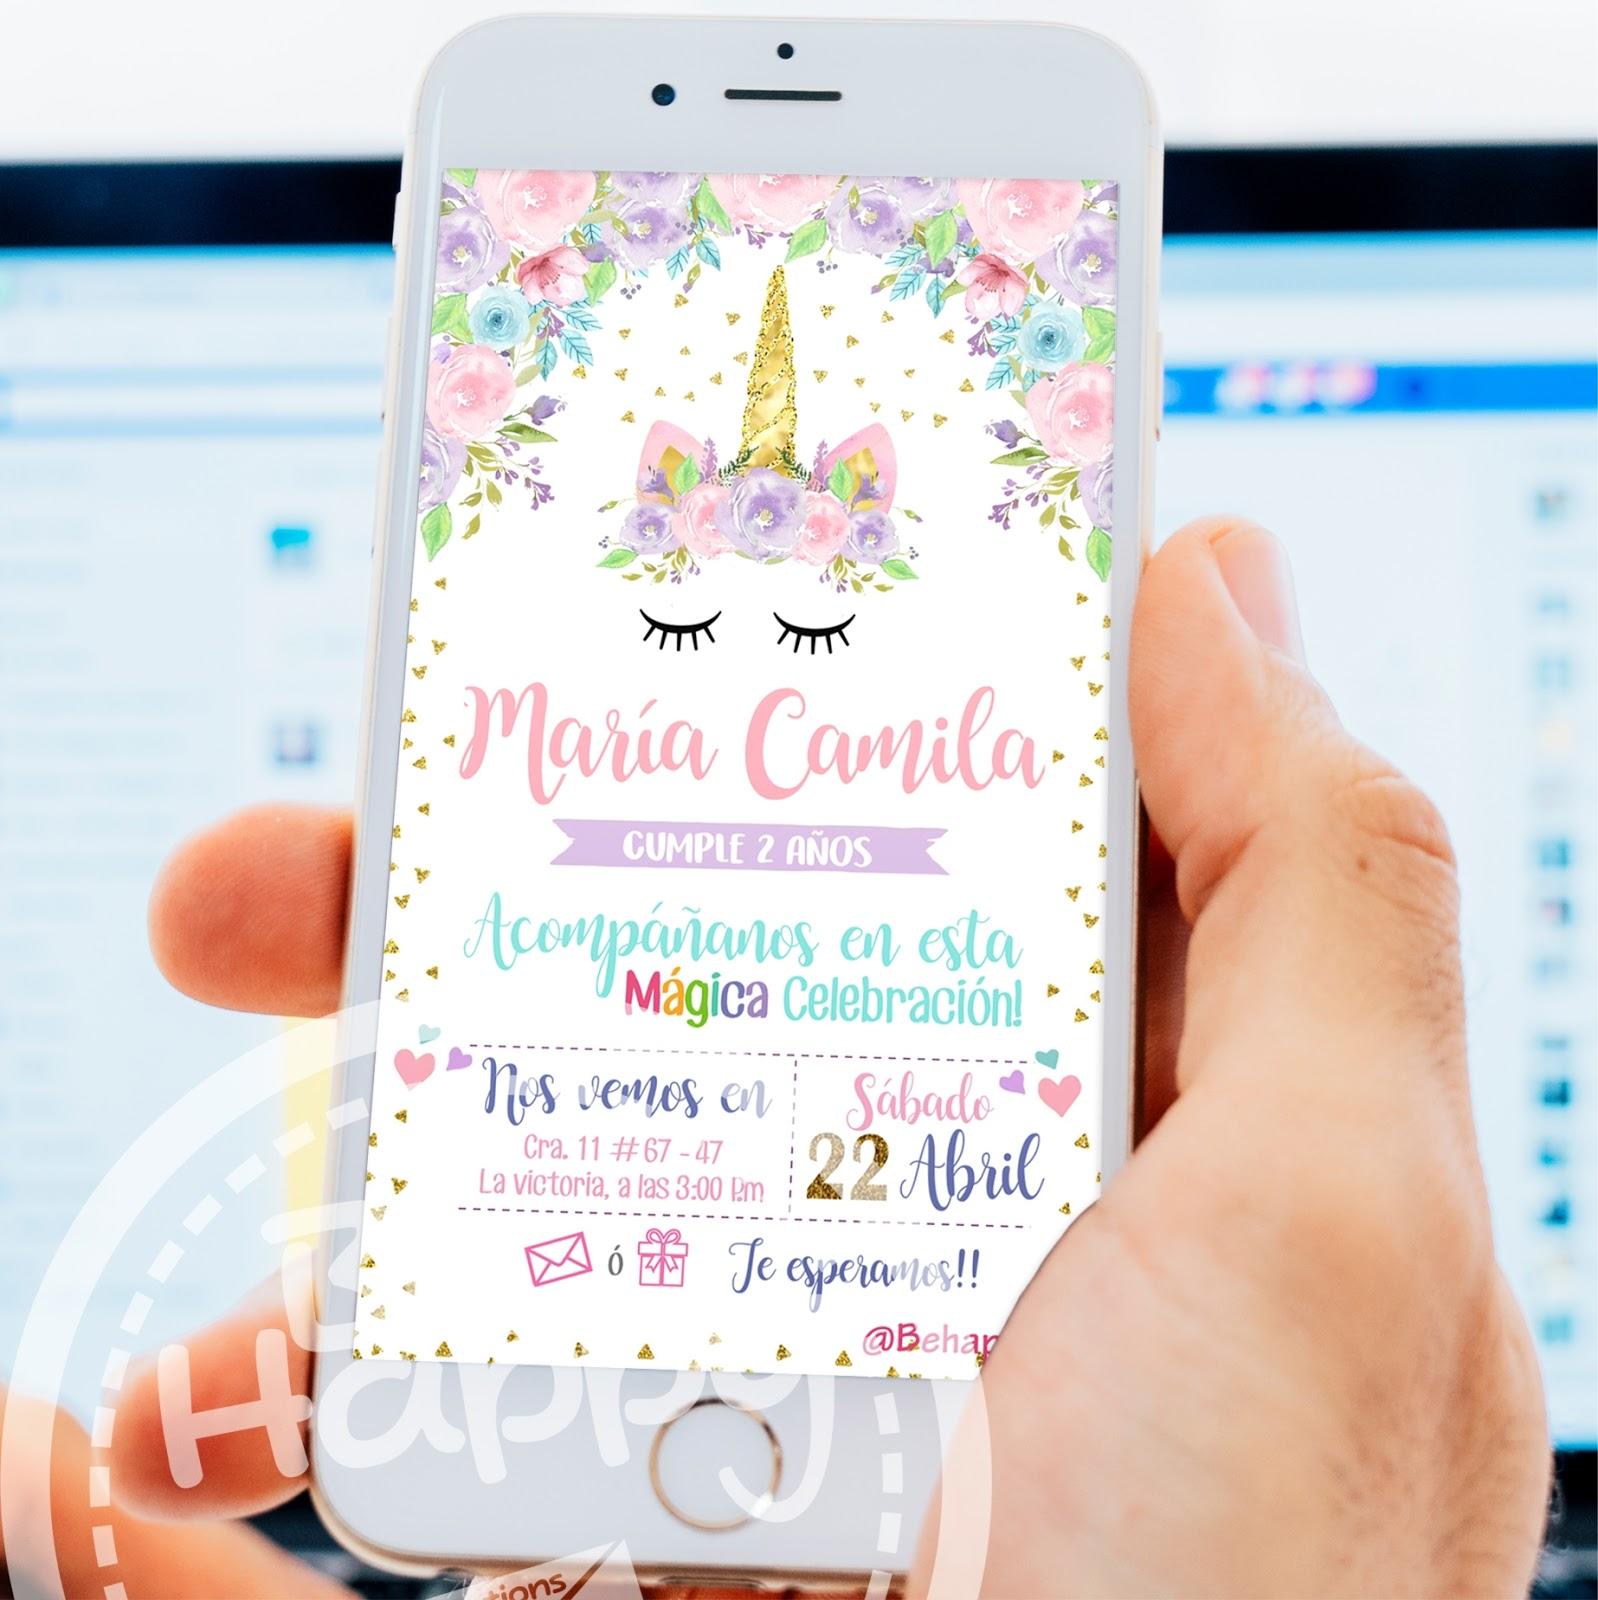 Be happy tarjetas de invitaci n cumplea os - Invitacion para cumpleanos ...